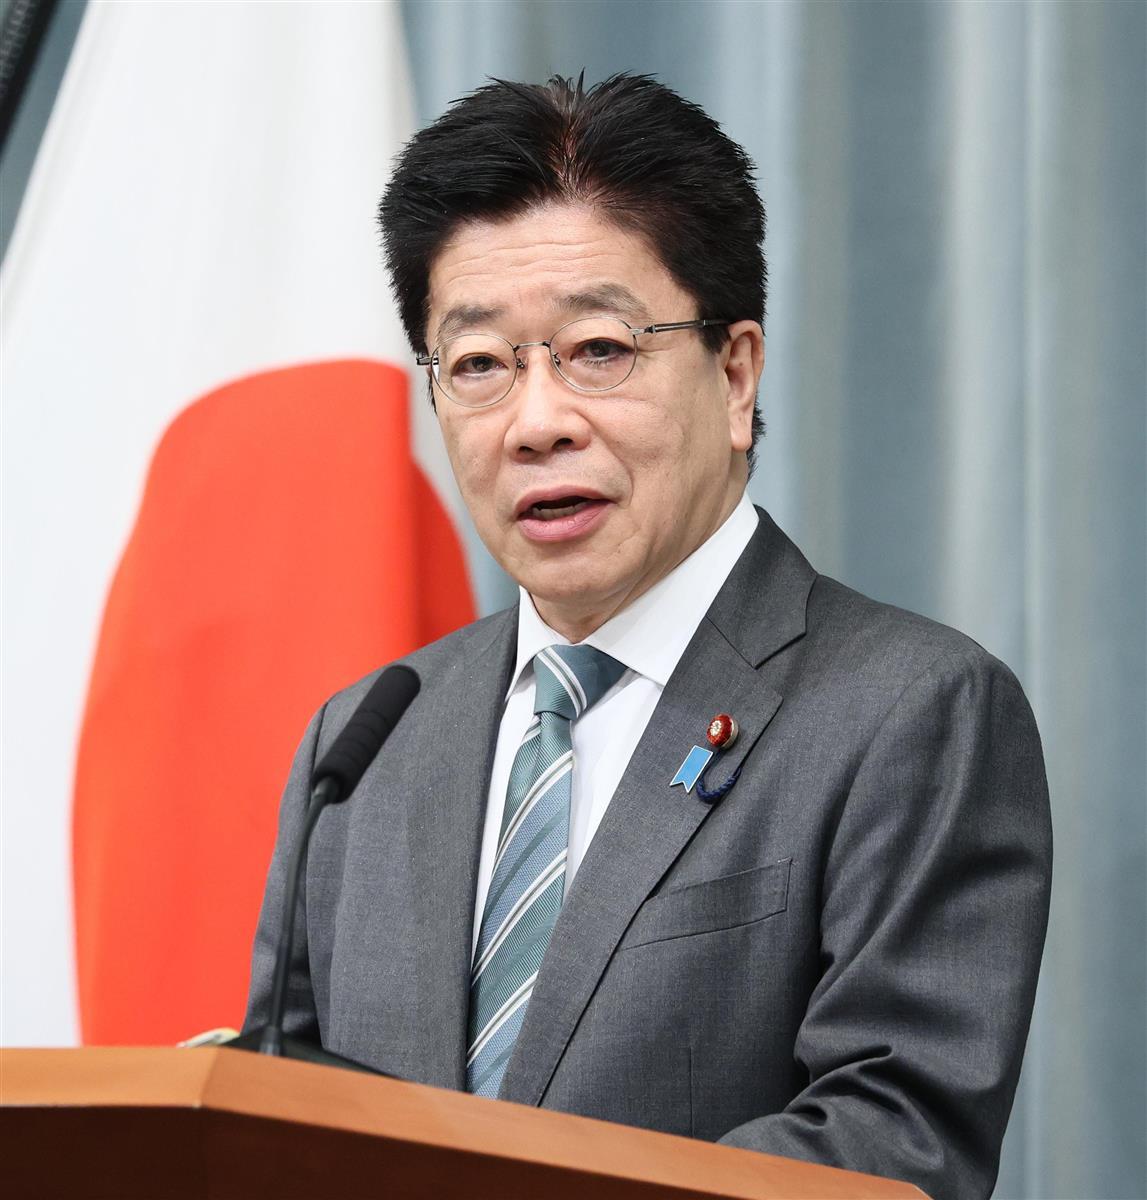 緊急事態宣言延長「解除に向け協力を」と加藤官房長官